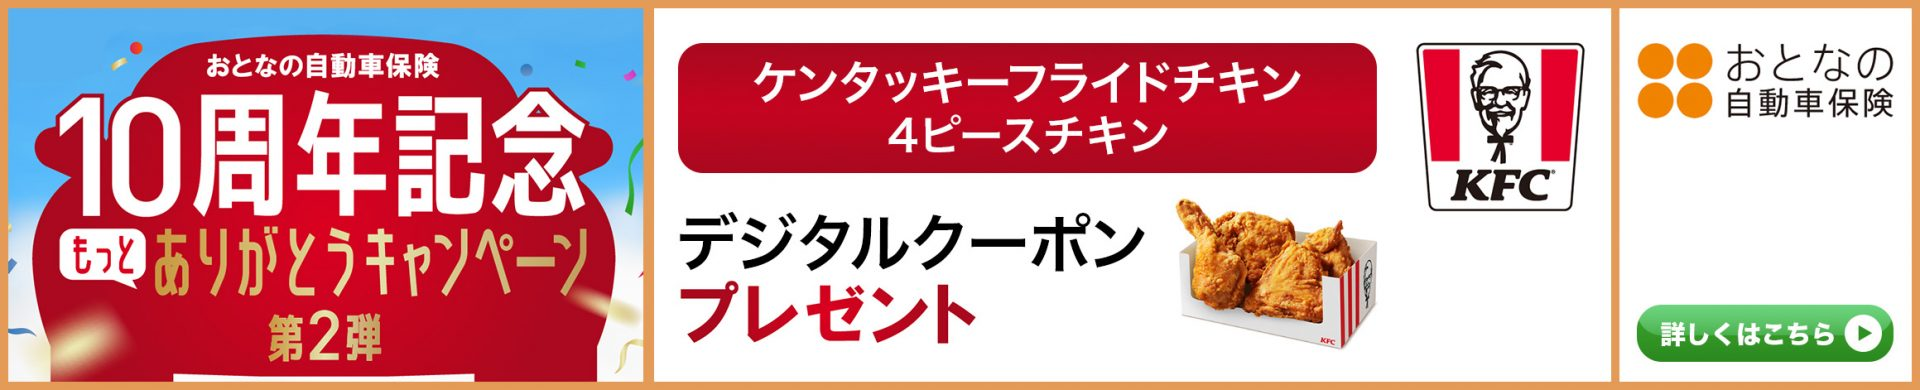 おとなの自動車保険 10周年記念 ありがとうキャンペーン